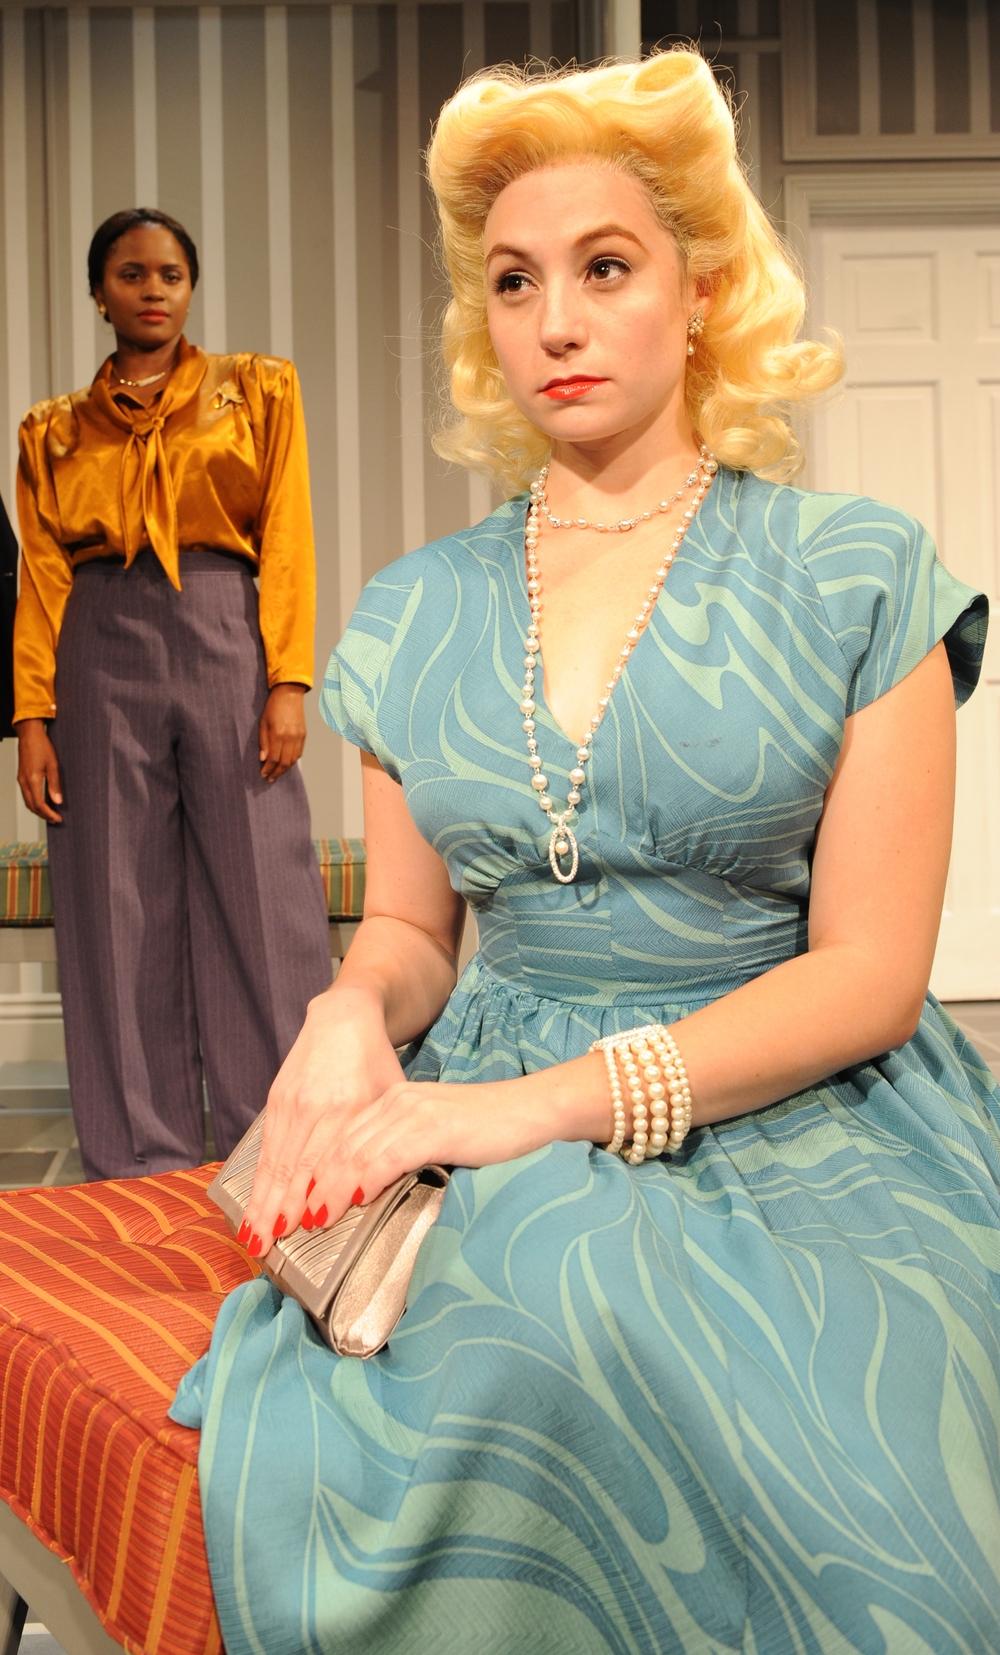 1940s glamour.jpg